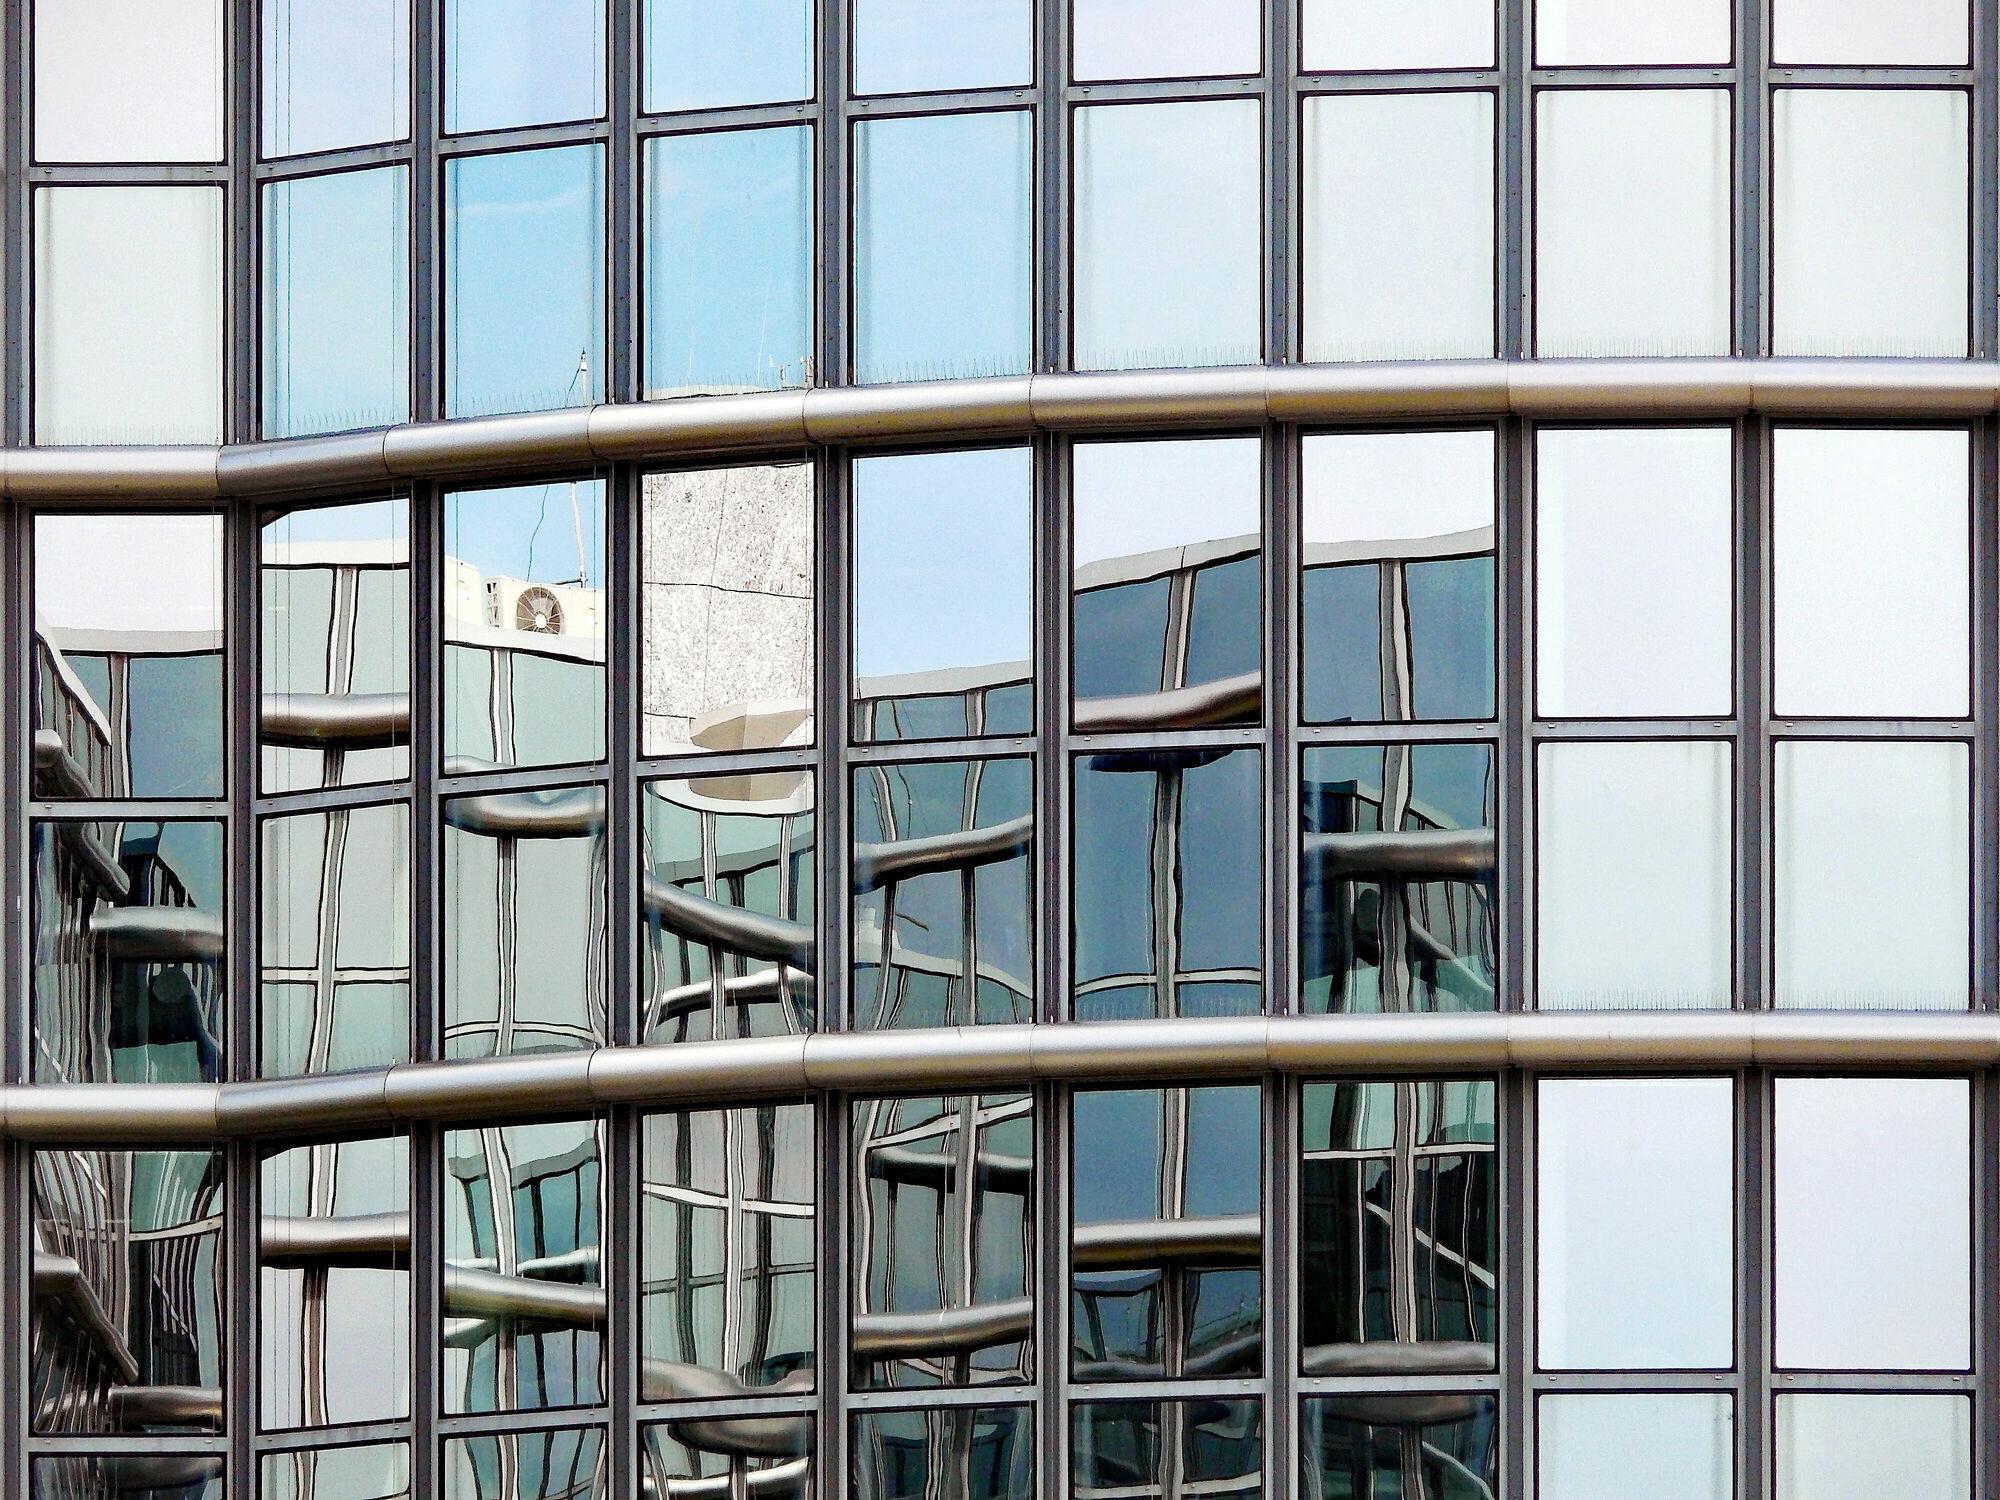 Bild mit Spiegelungen, Hamburg, HH, Fensterfront, Hansesstadt